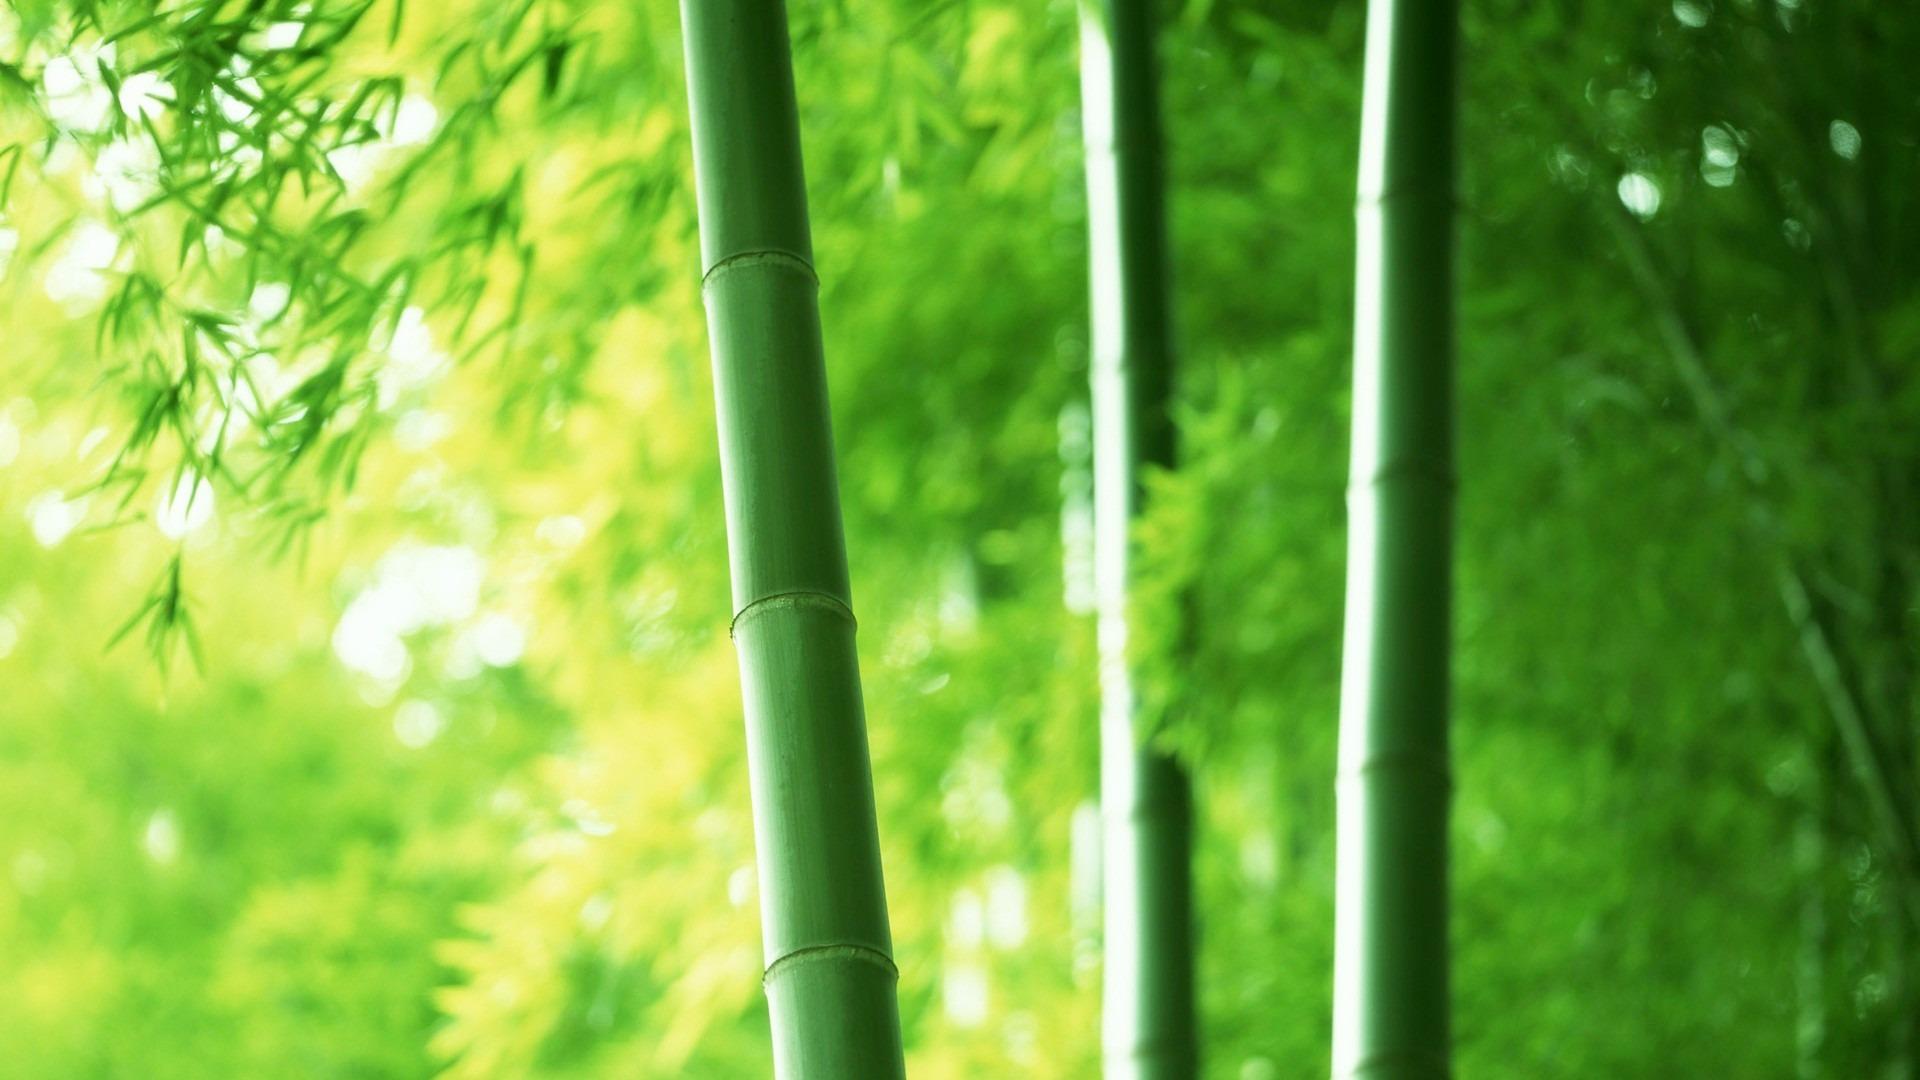 【一组高清绿色植物保护视力墙纸桌面壁纸】-【软件及